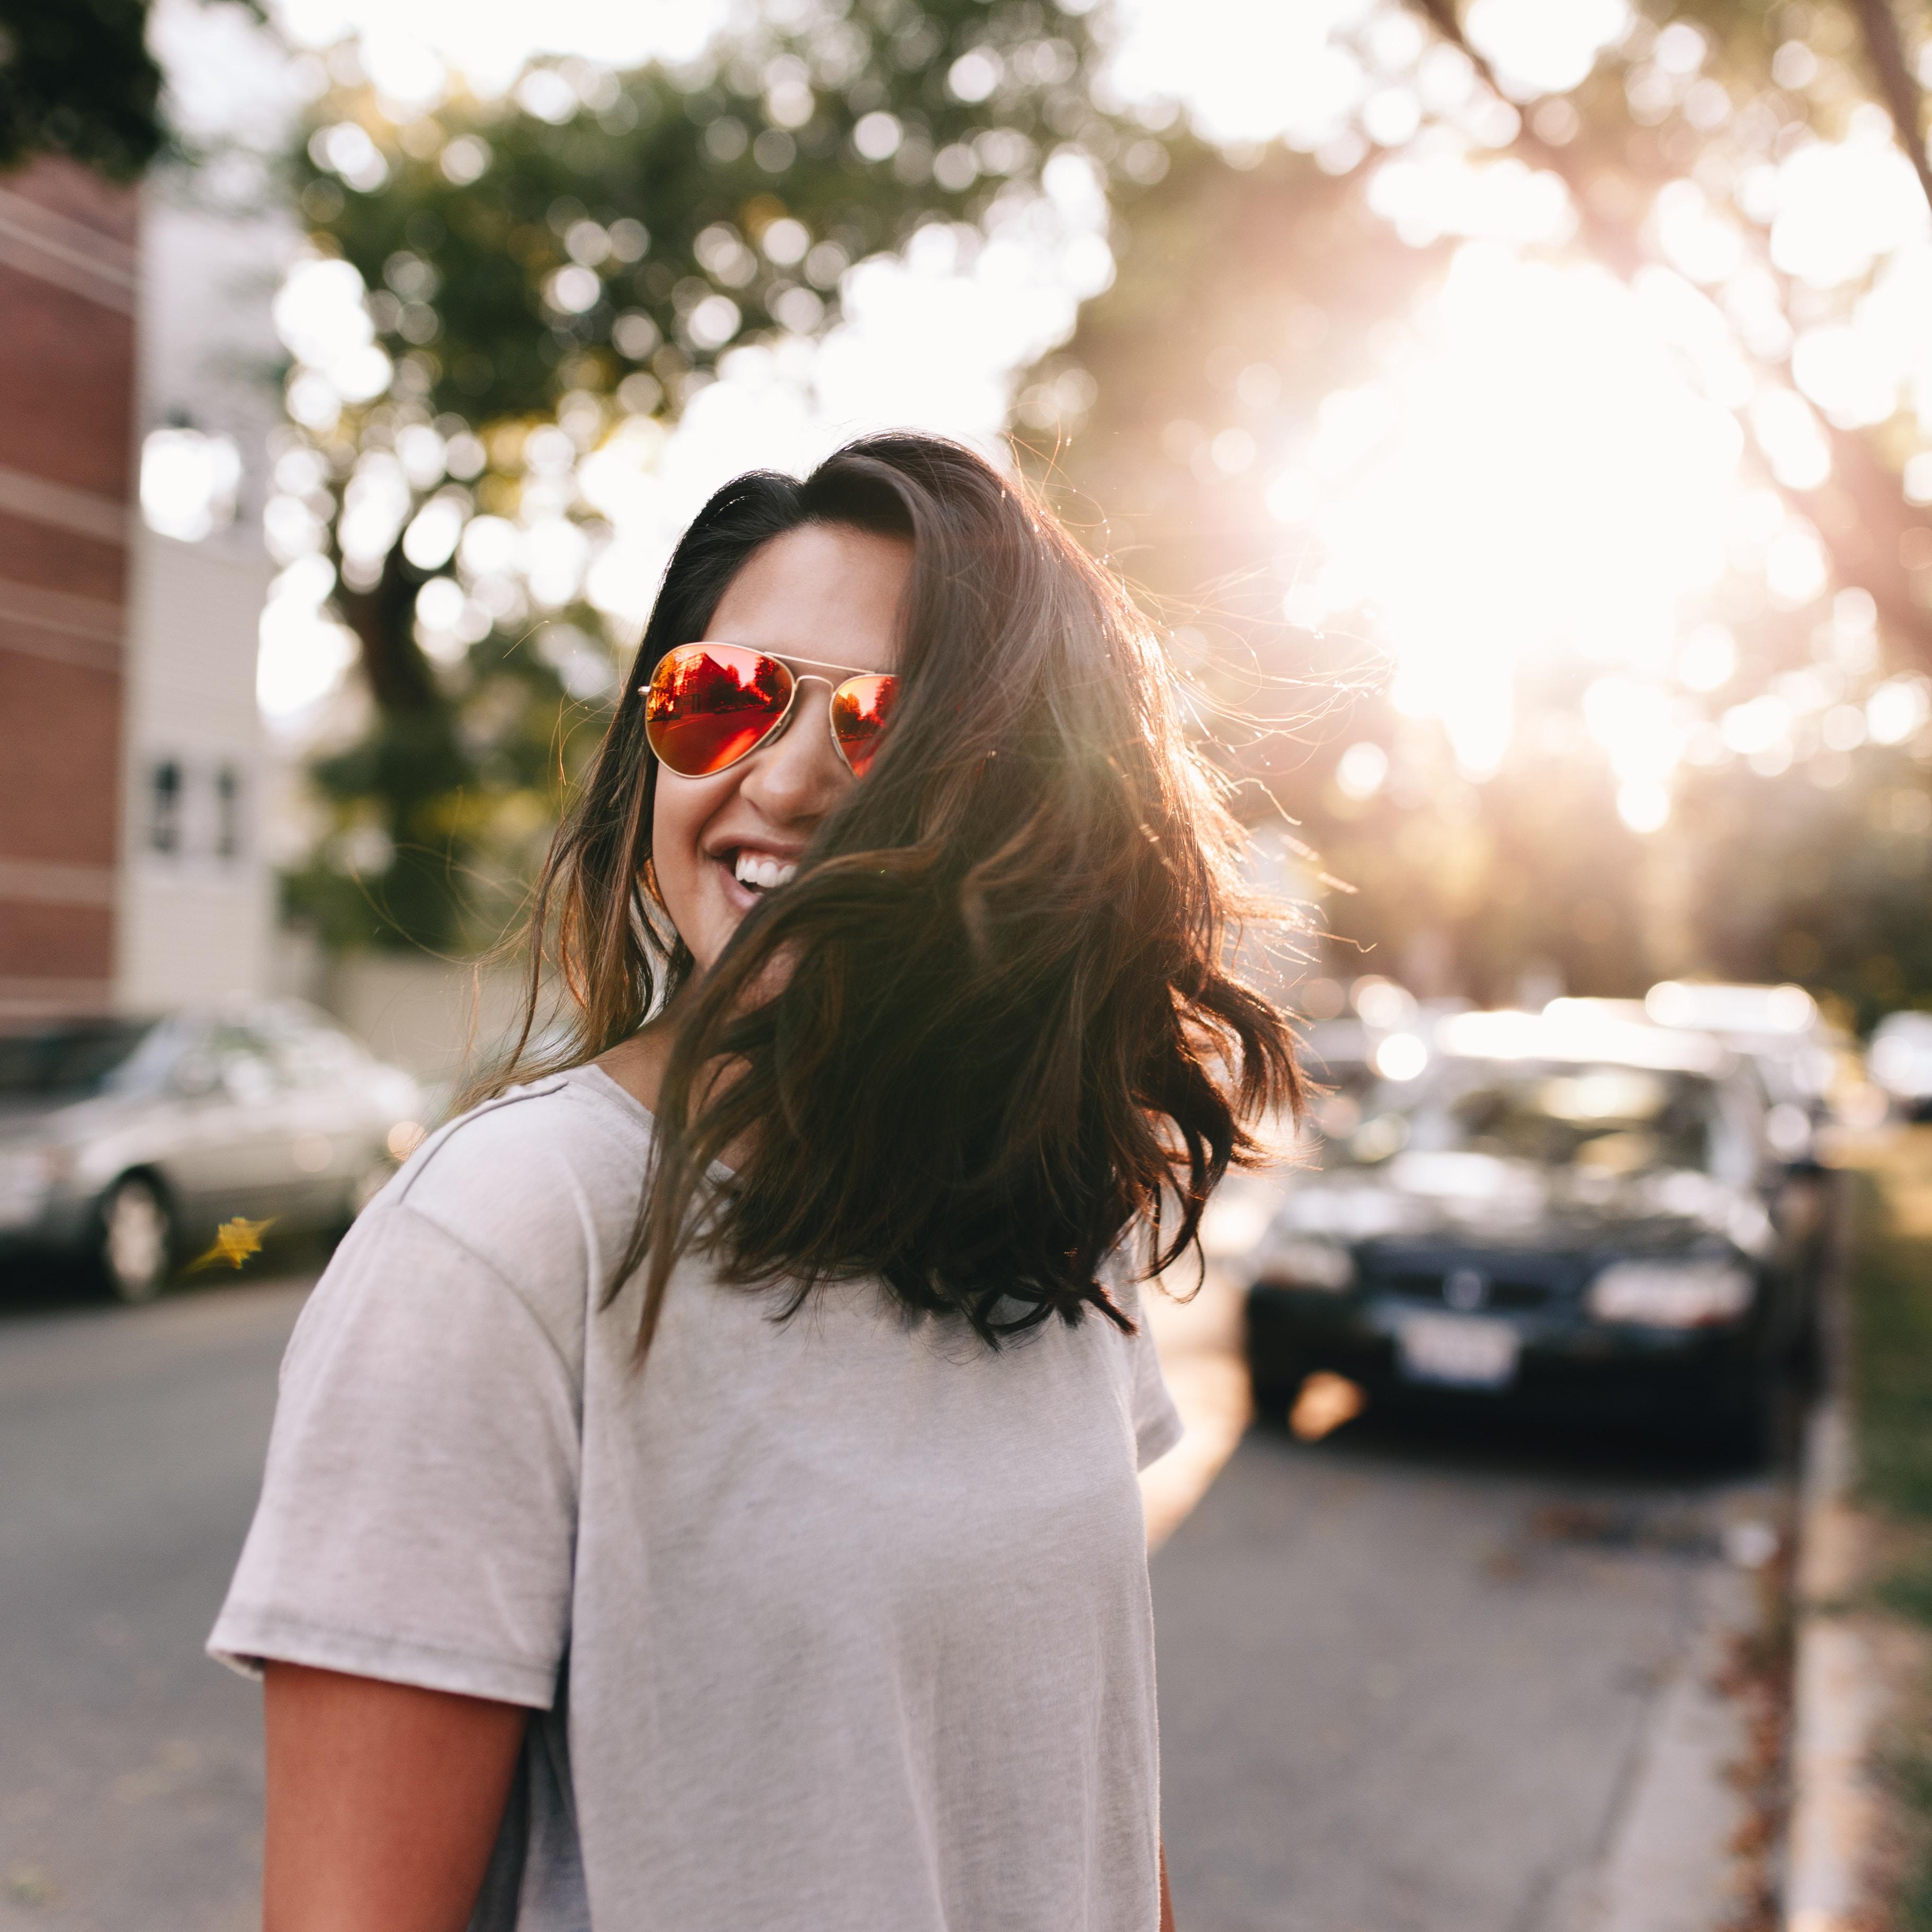 The Basics of Good Hair Care